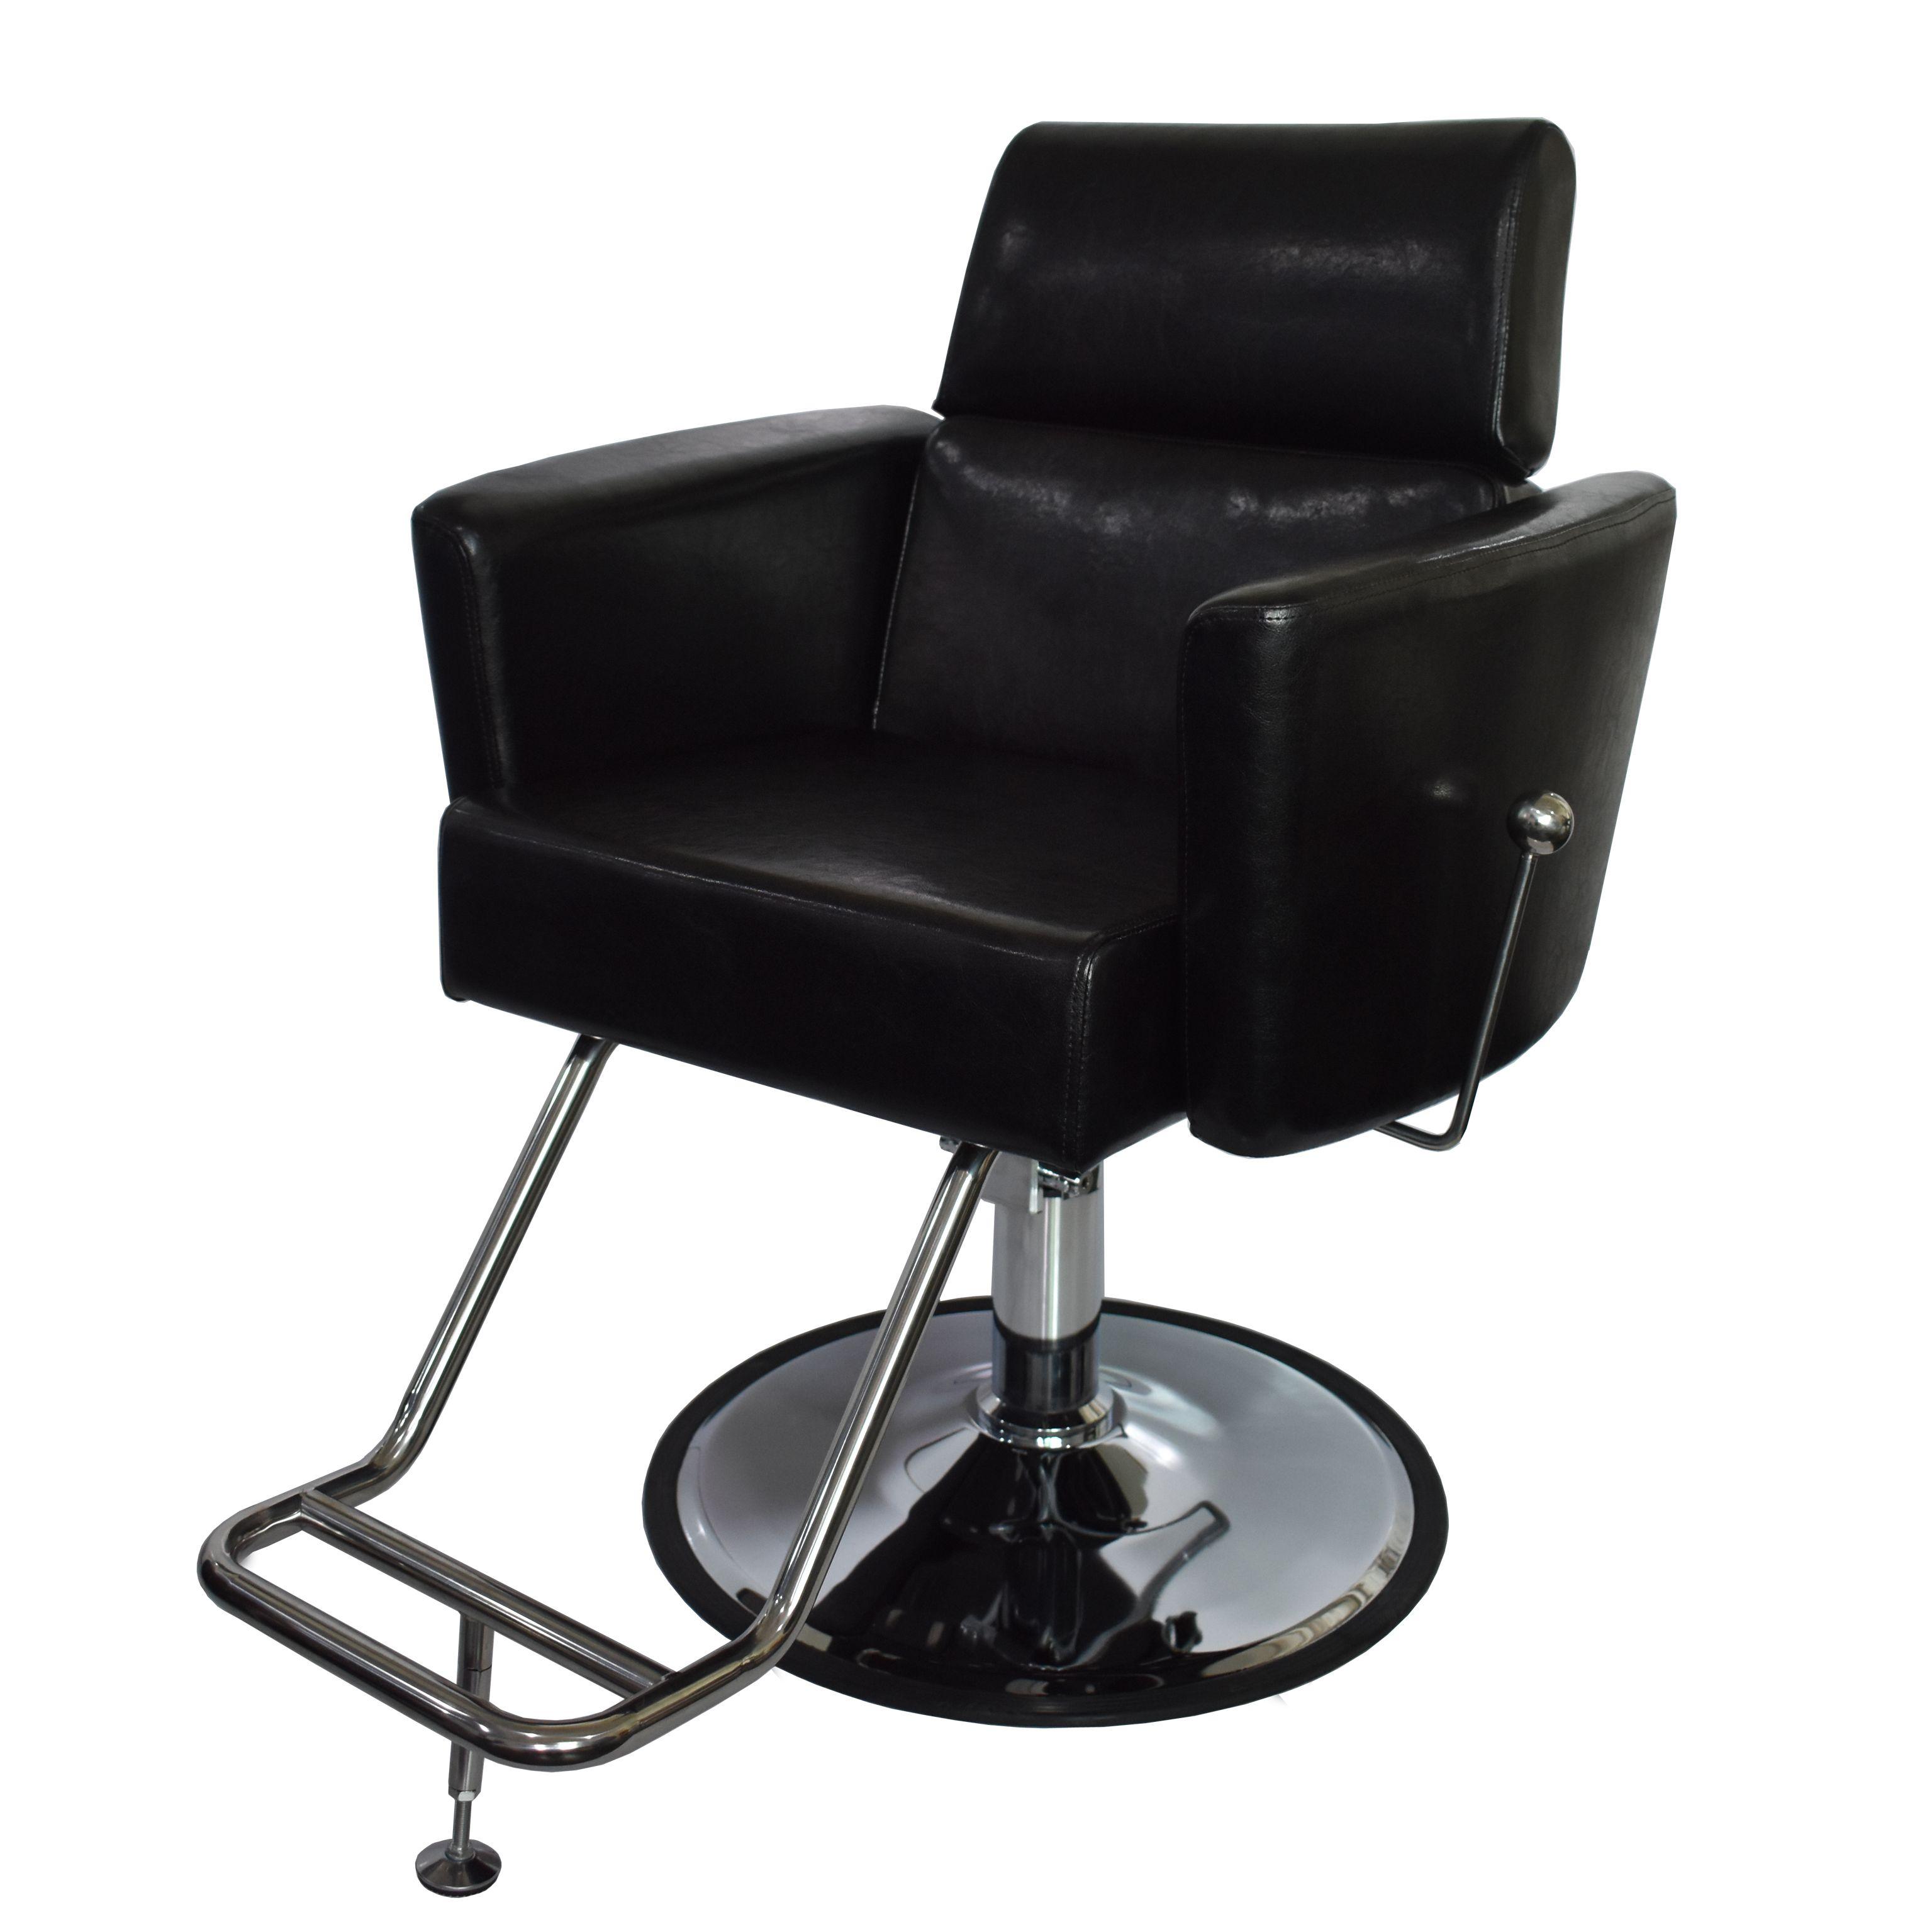 ORION ALL PURPOSE SALON CHAIR BLACK Salon Furniture